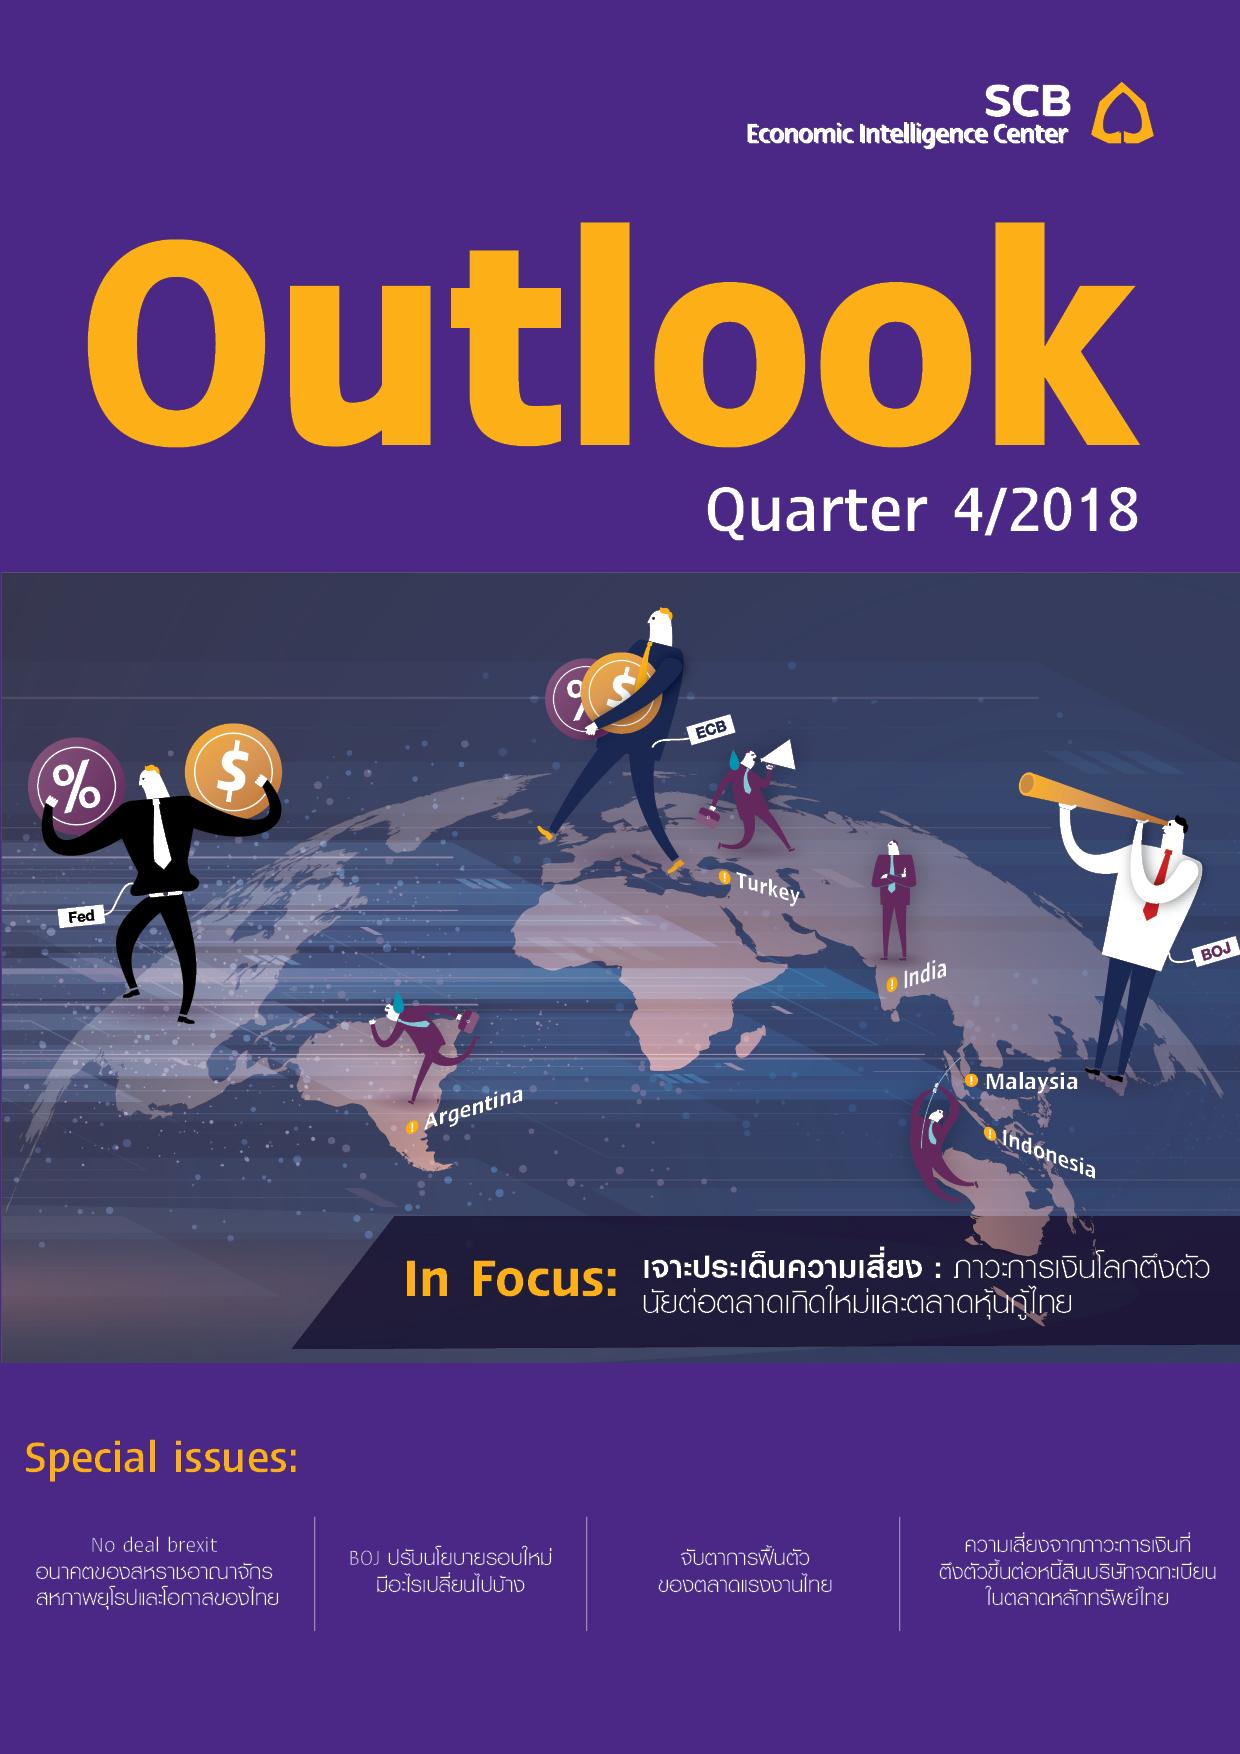 Outlook_Q4_2018_Cover.jpg